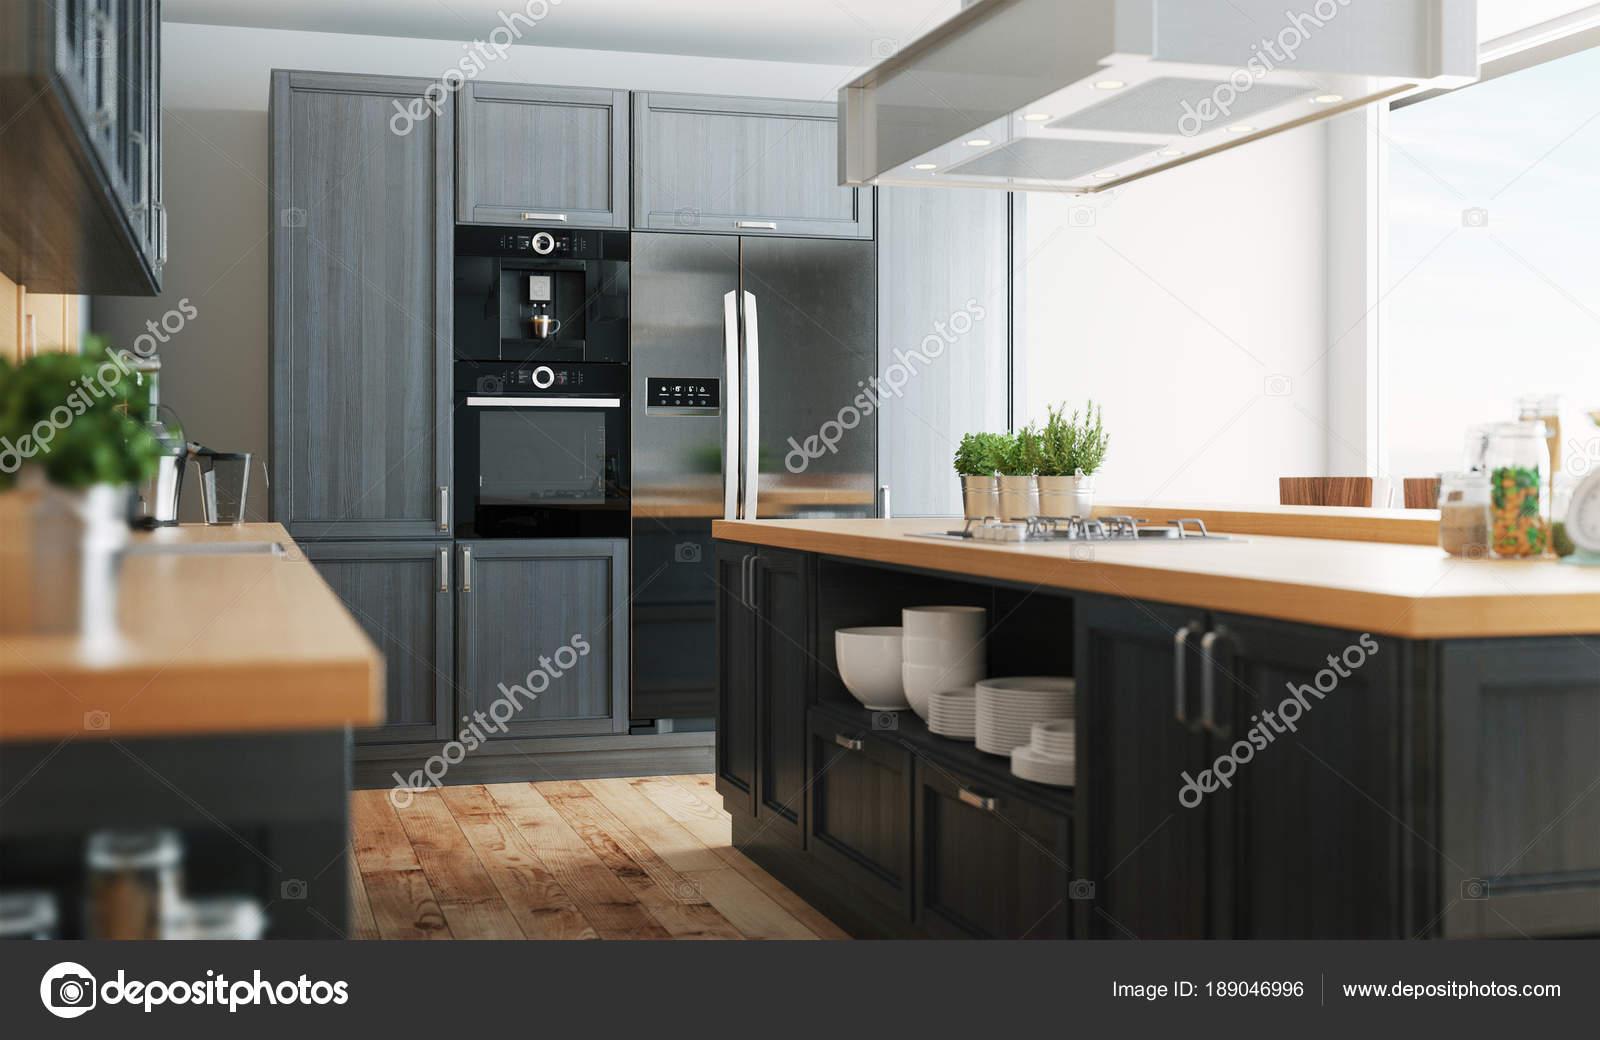 Cucina Moderna Con Parquet Mobili Grigio Rendering Illustrazione ...